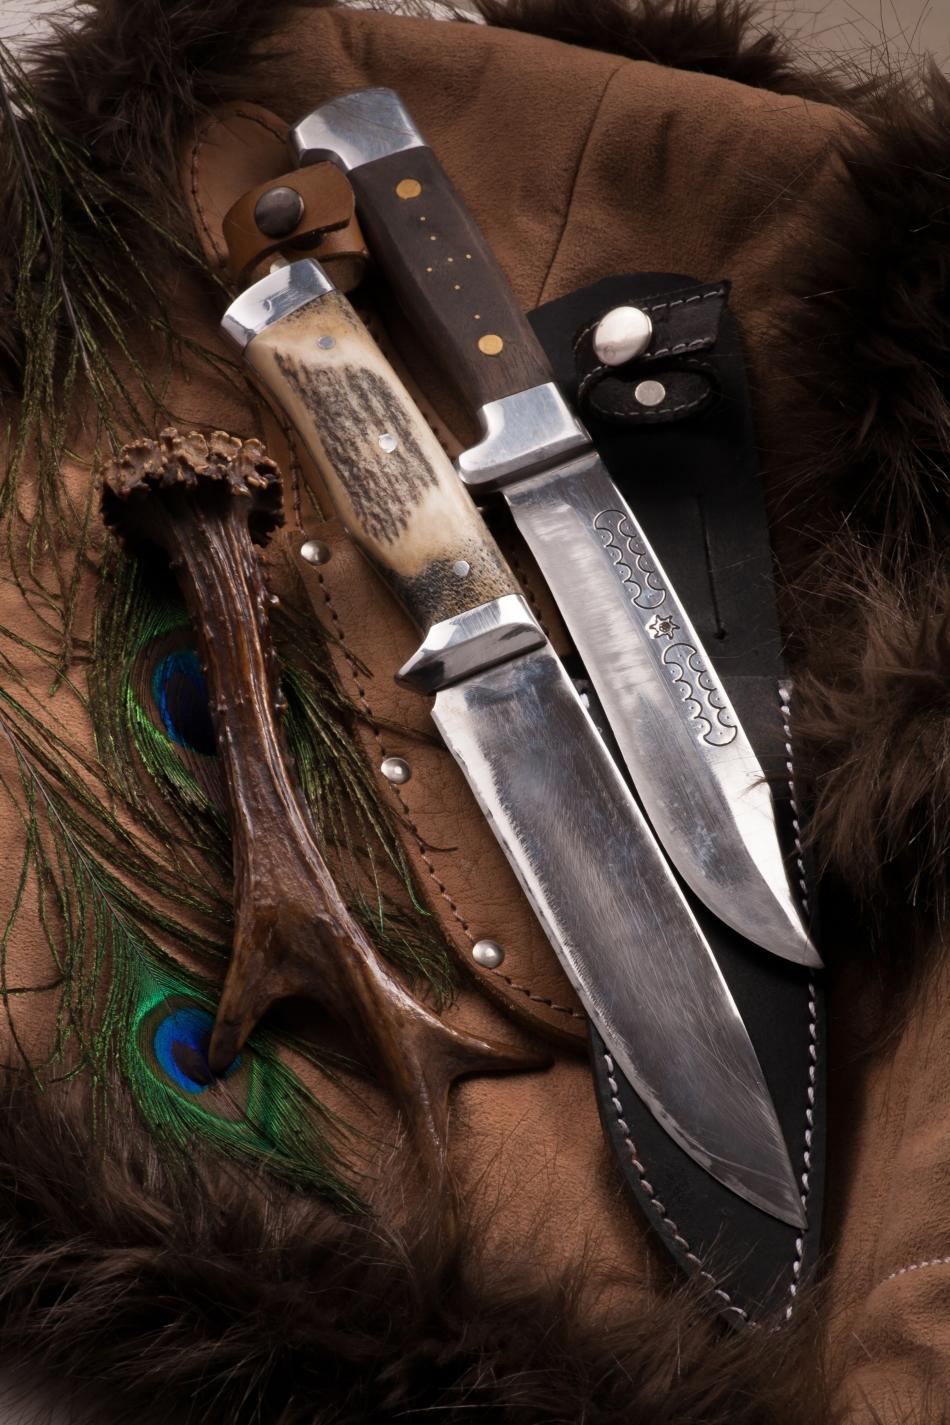 Cuţitnul este cea mai importantă unealtă a unui vânător sau supravieţuitor în pădurile Americiii de Nord şi nu numai acolo.